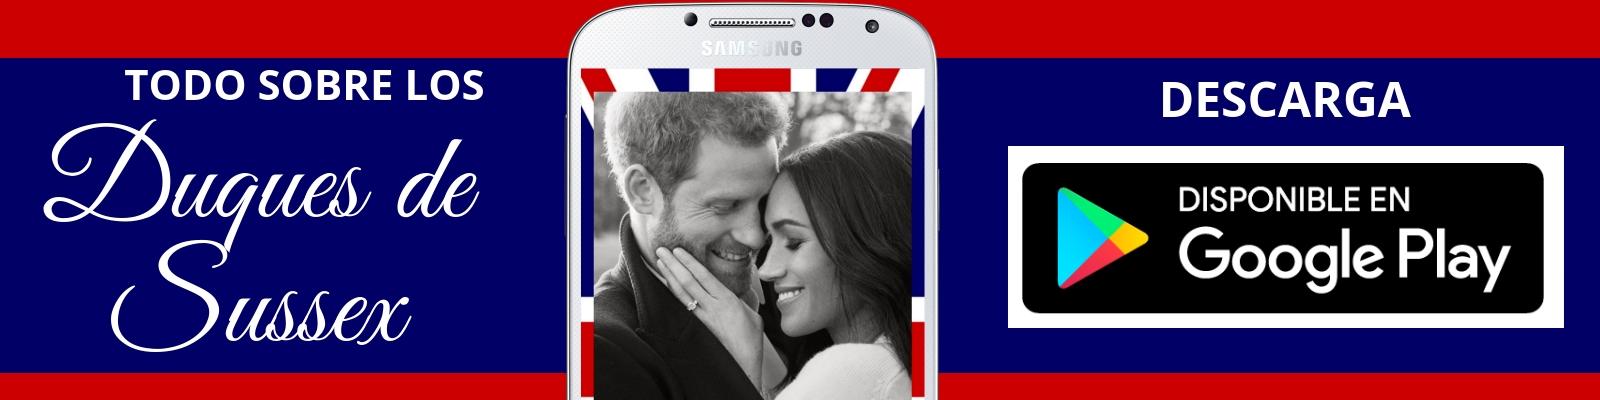 Noticias sobre los Duques de Sussex - Boda real - Meghan Markle y el Príncipe Harry